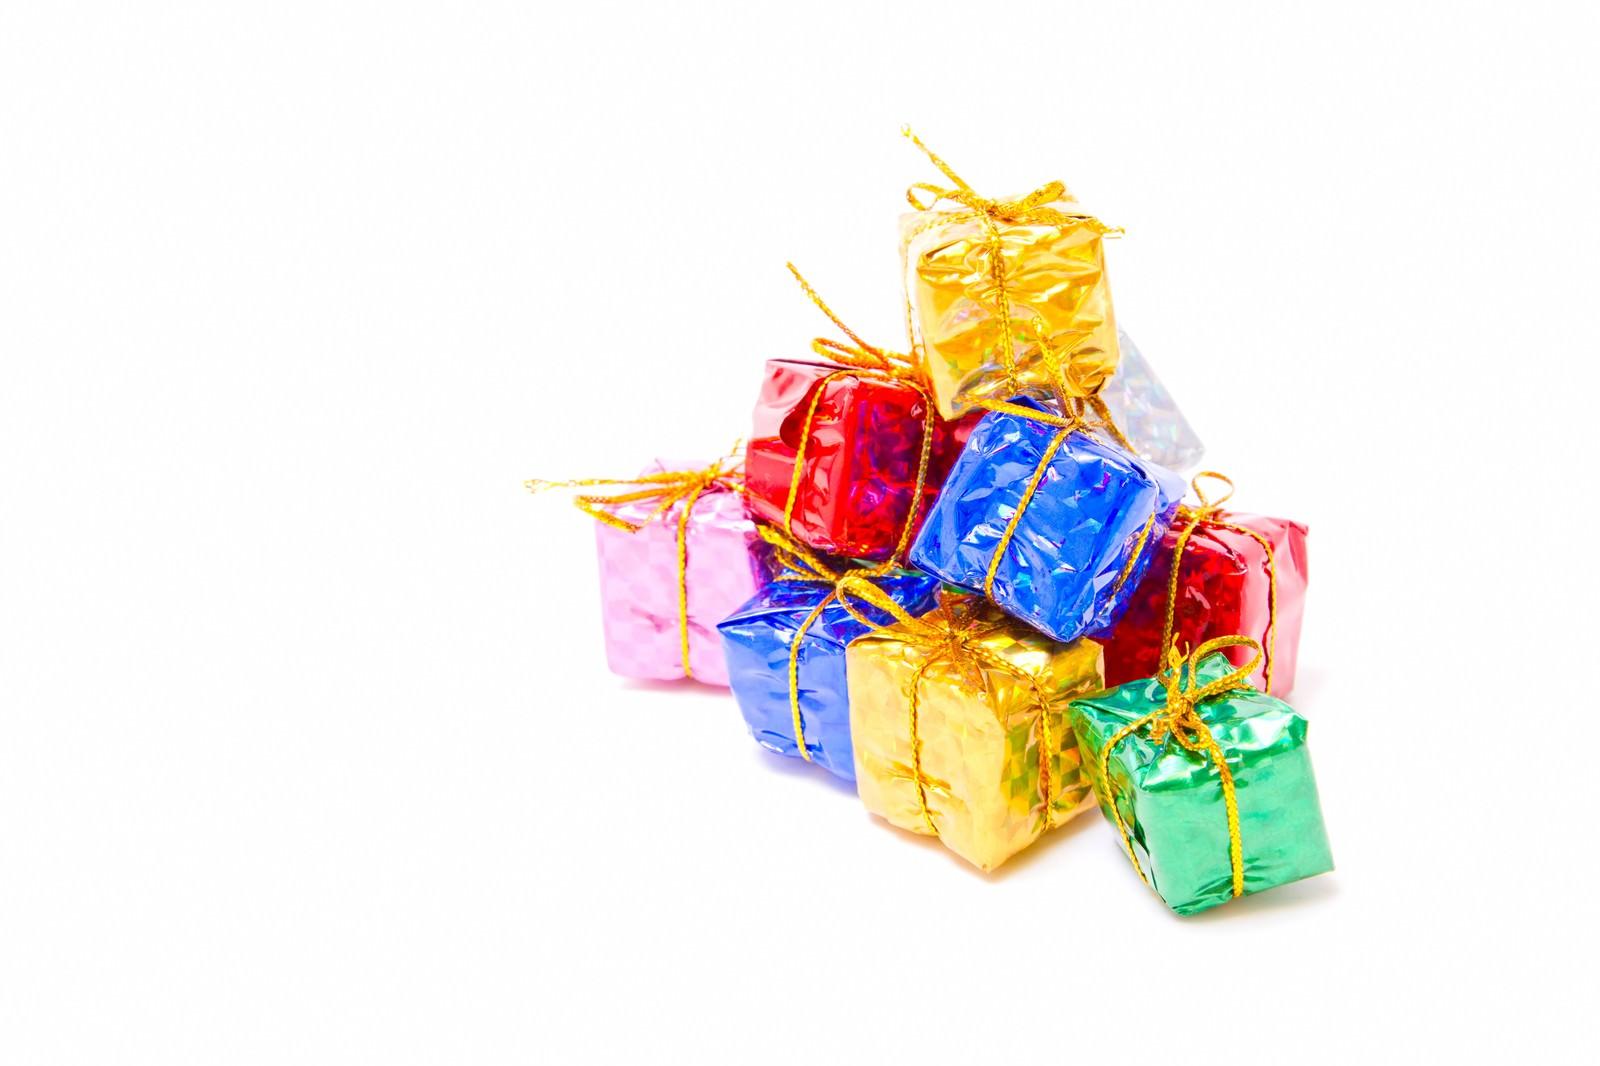 「積み重なった小さなプレゼントボックス | 写真の無料素材・フリー素材 - ぱくたそ」の写真